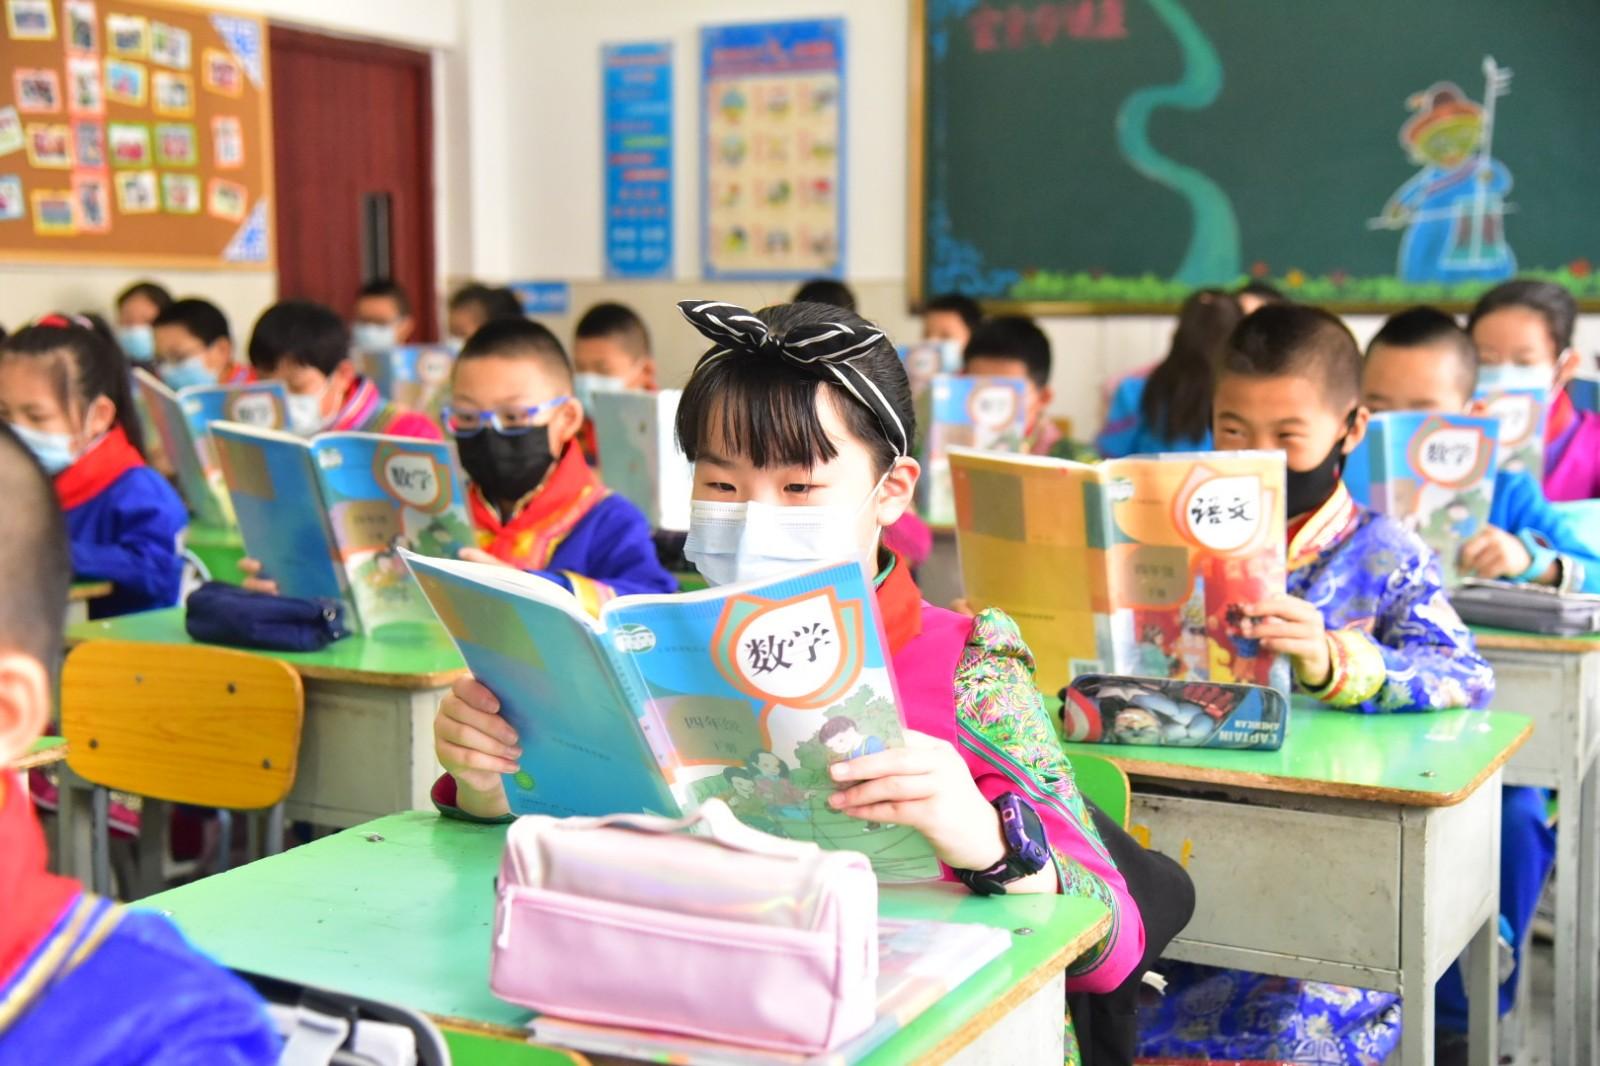 对口的小学不太满意,求推荐汉阳片区比较好的私立学校!